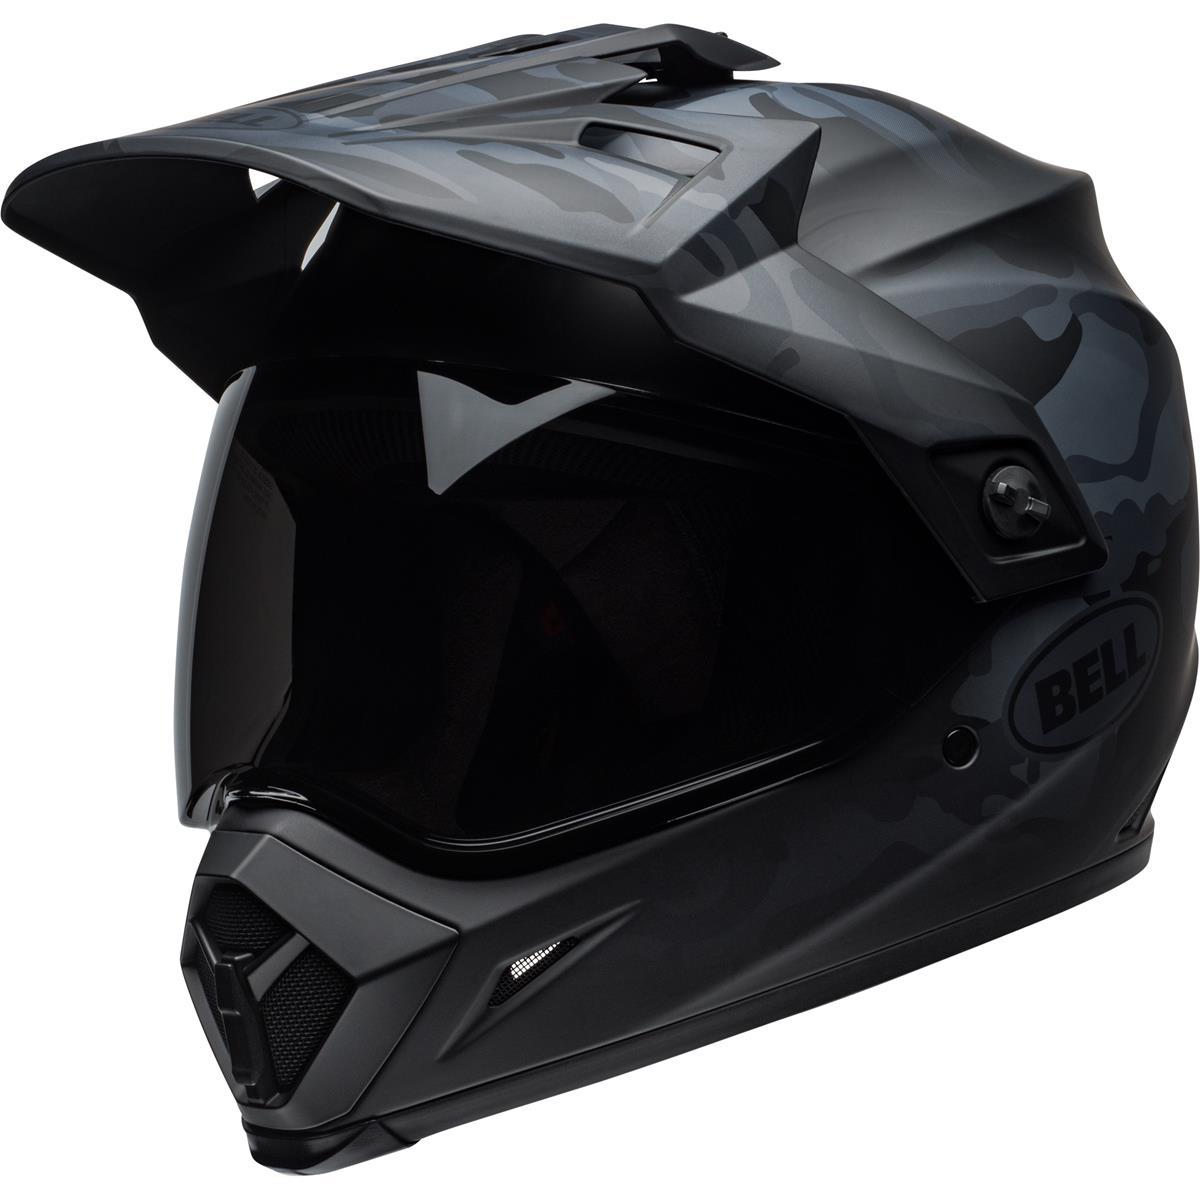 Bell Helm MX-9 Adventure MIPS Stealth - Matt Schwarz/Camo